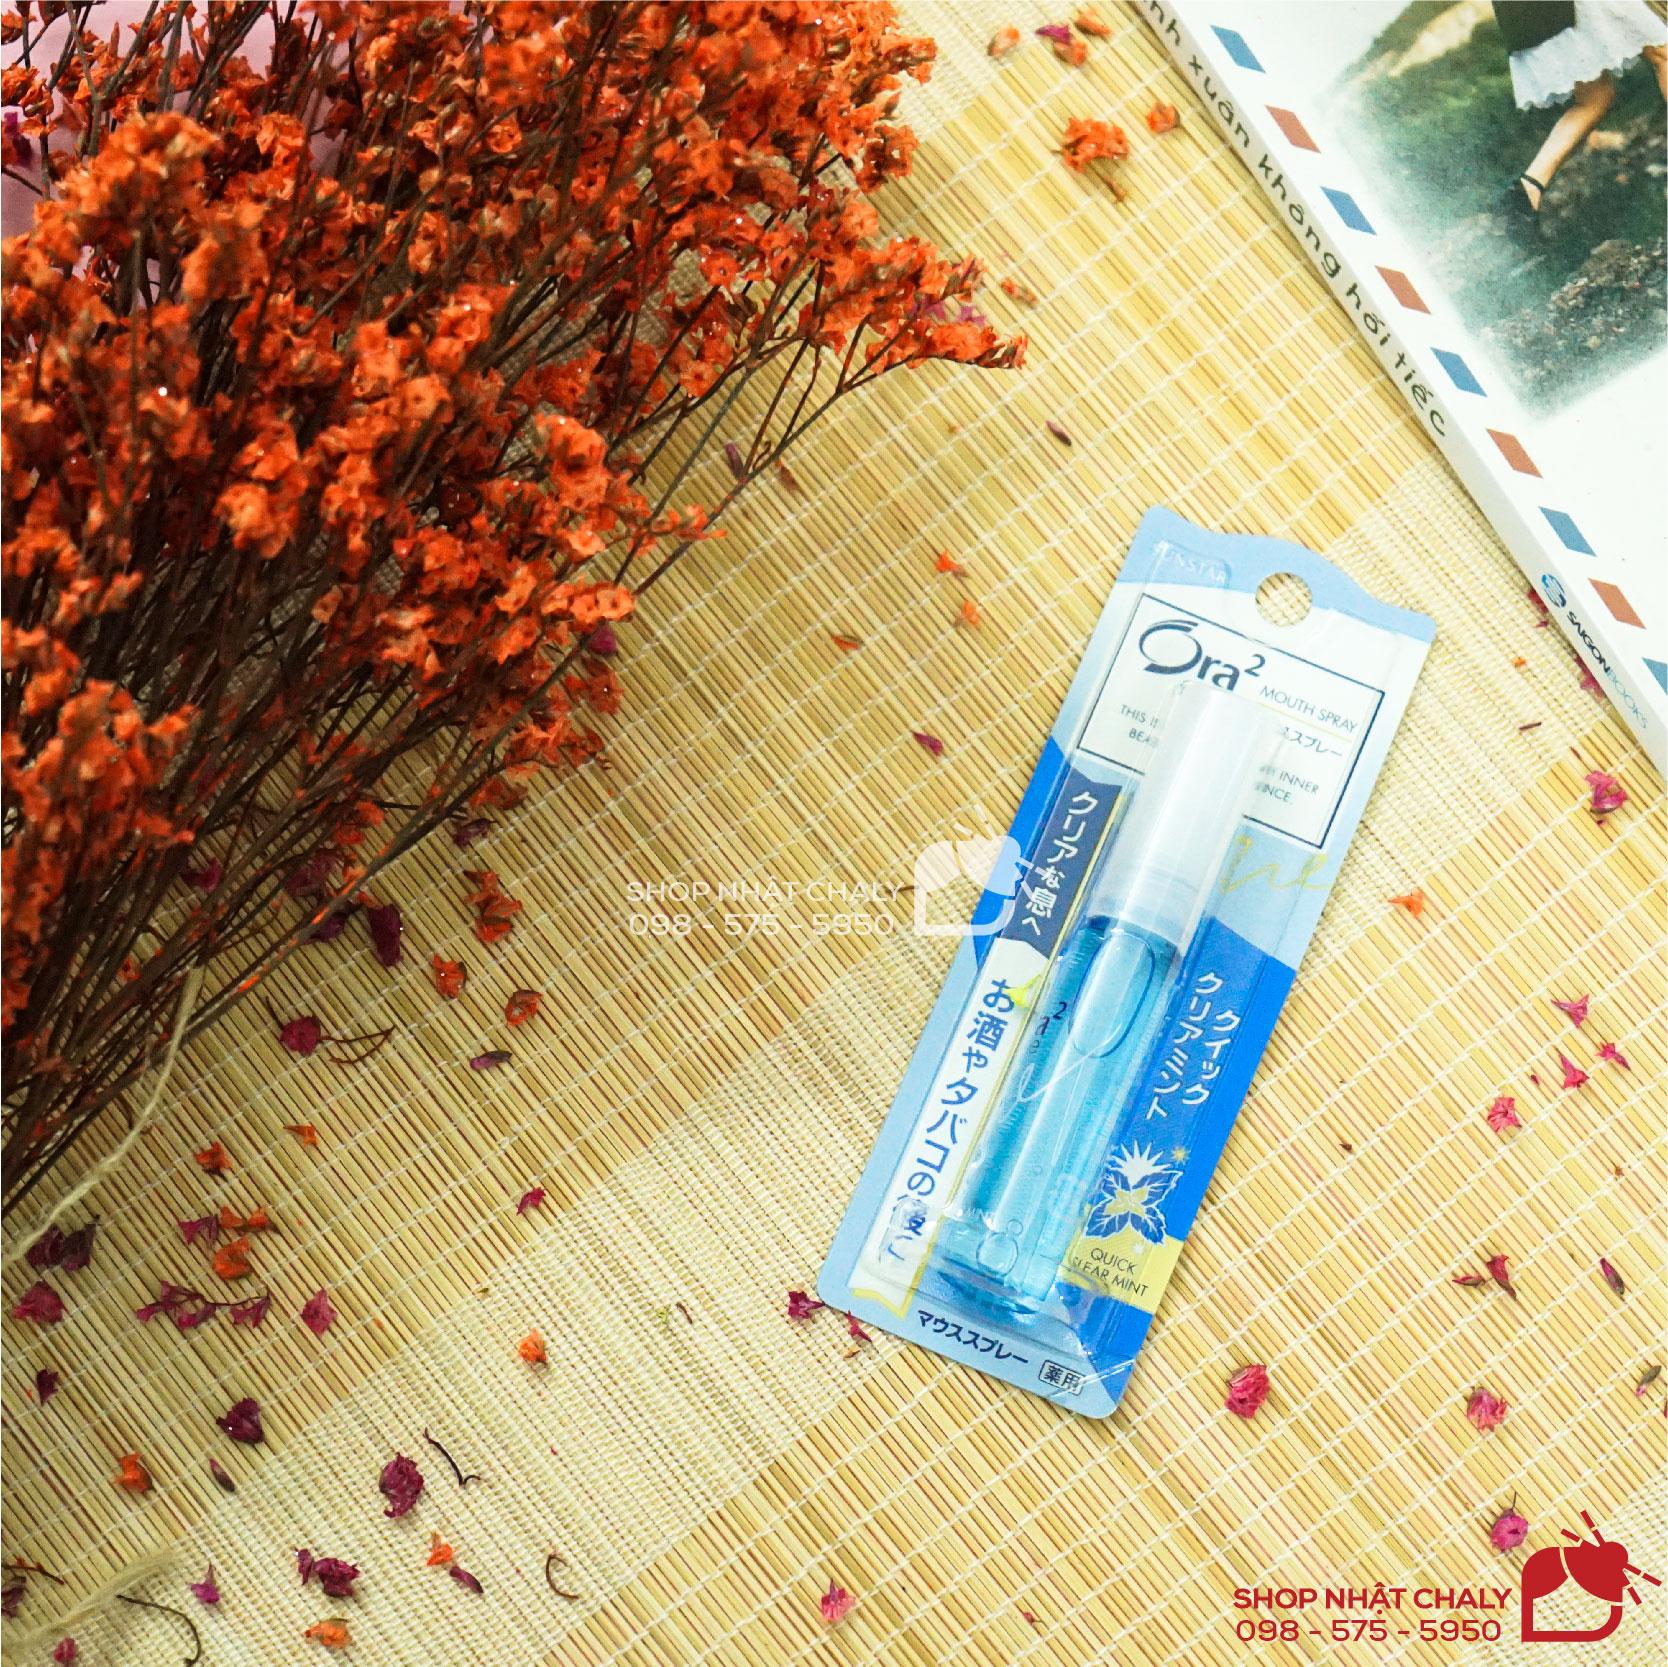 Chai xịt khử mùi hôi miệng của Nhật Sunstar Ora 2 Breath Fine giá rẻ, hiệu quả nhanh, tiện lợi để mang theo trong túi xách nên hầu như người Nhật nào cũng luôn có 1 chai để giữ hơi thở thơm mát, tự tin